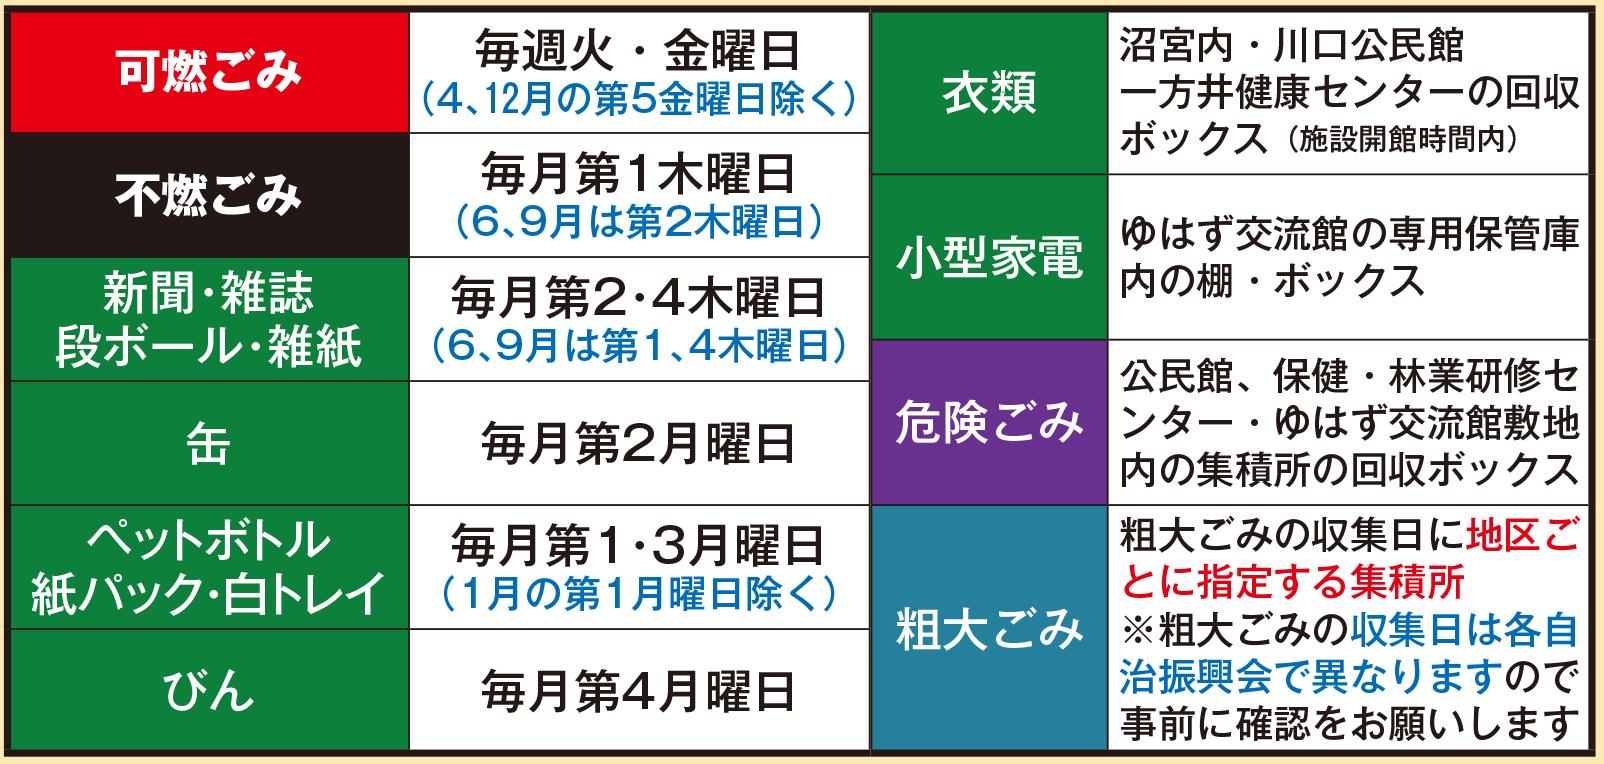 令和3年度ごみカレンダー収集地区2